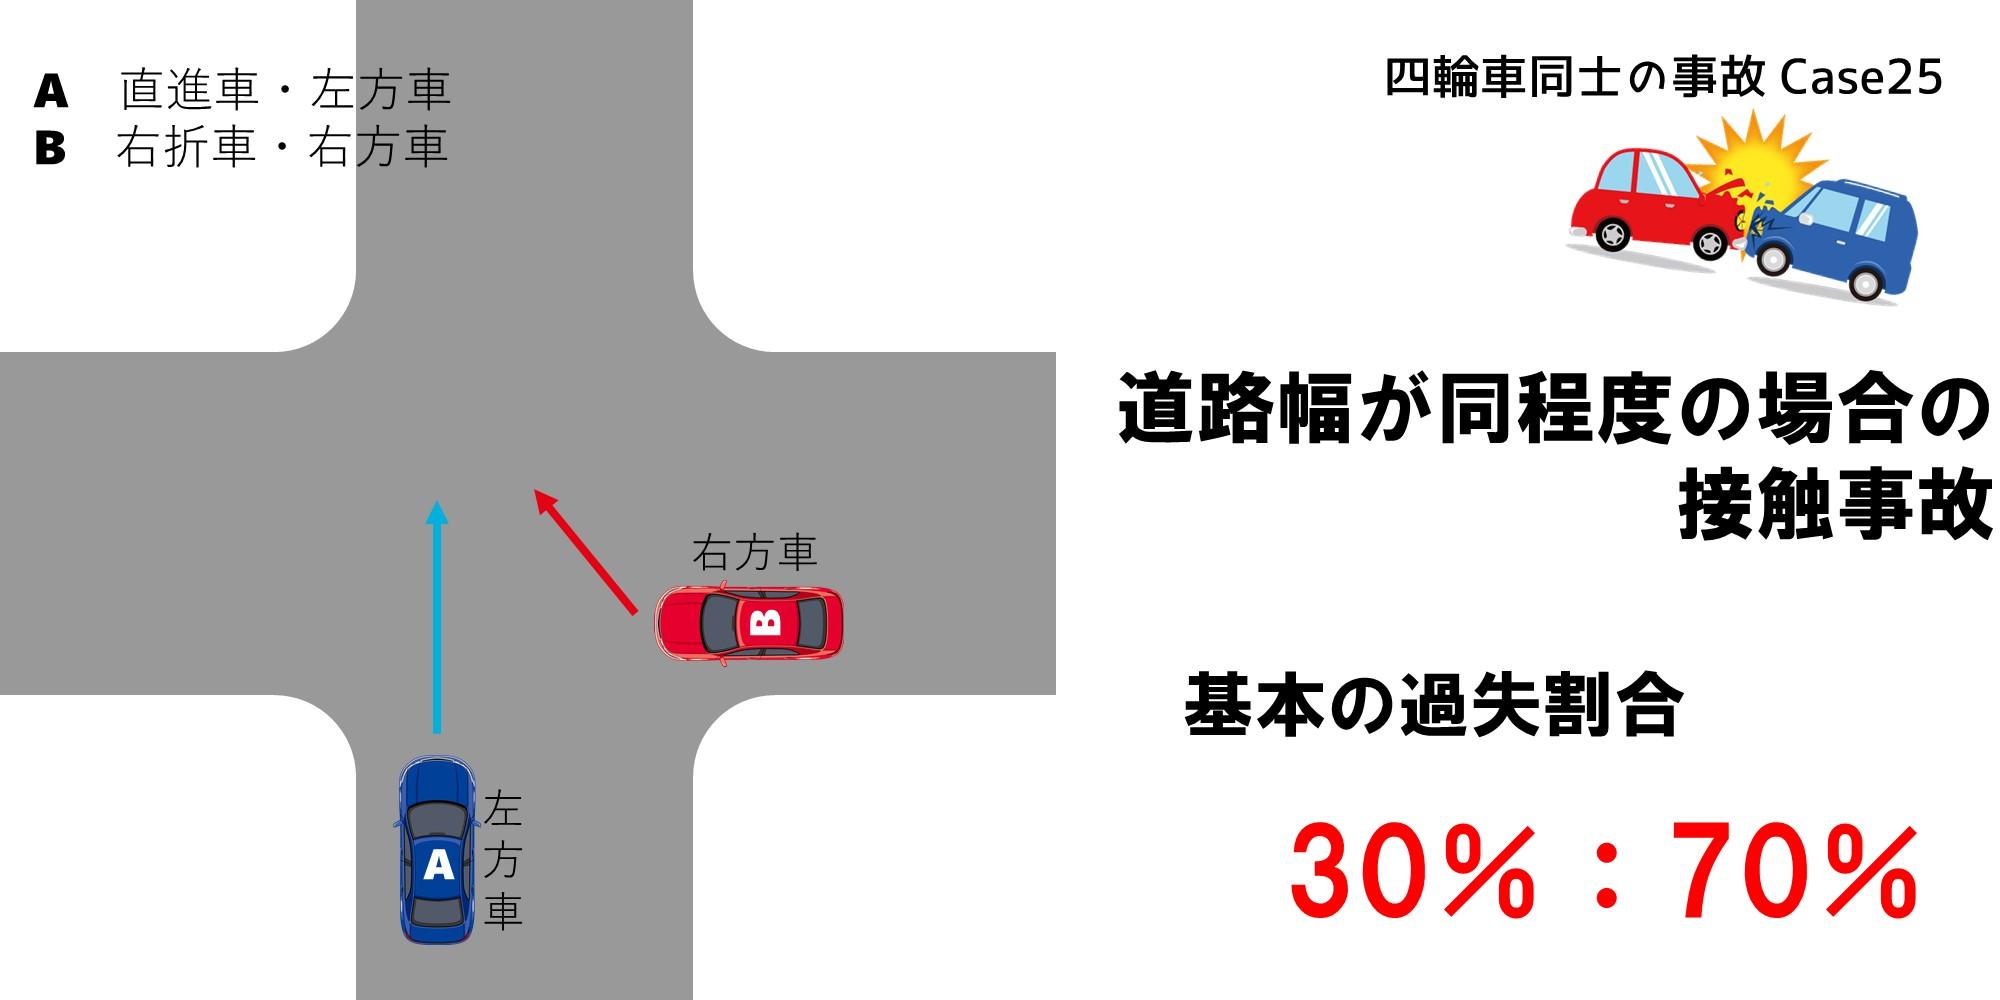 交差点における右折車が右側にいて道路幅が同程度の場合の過失割合